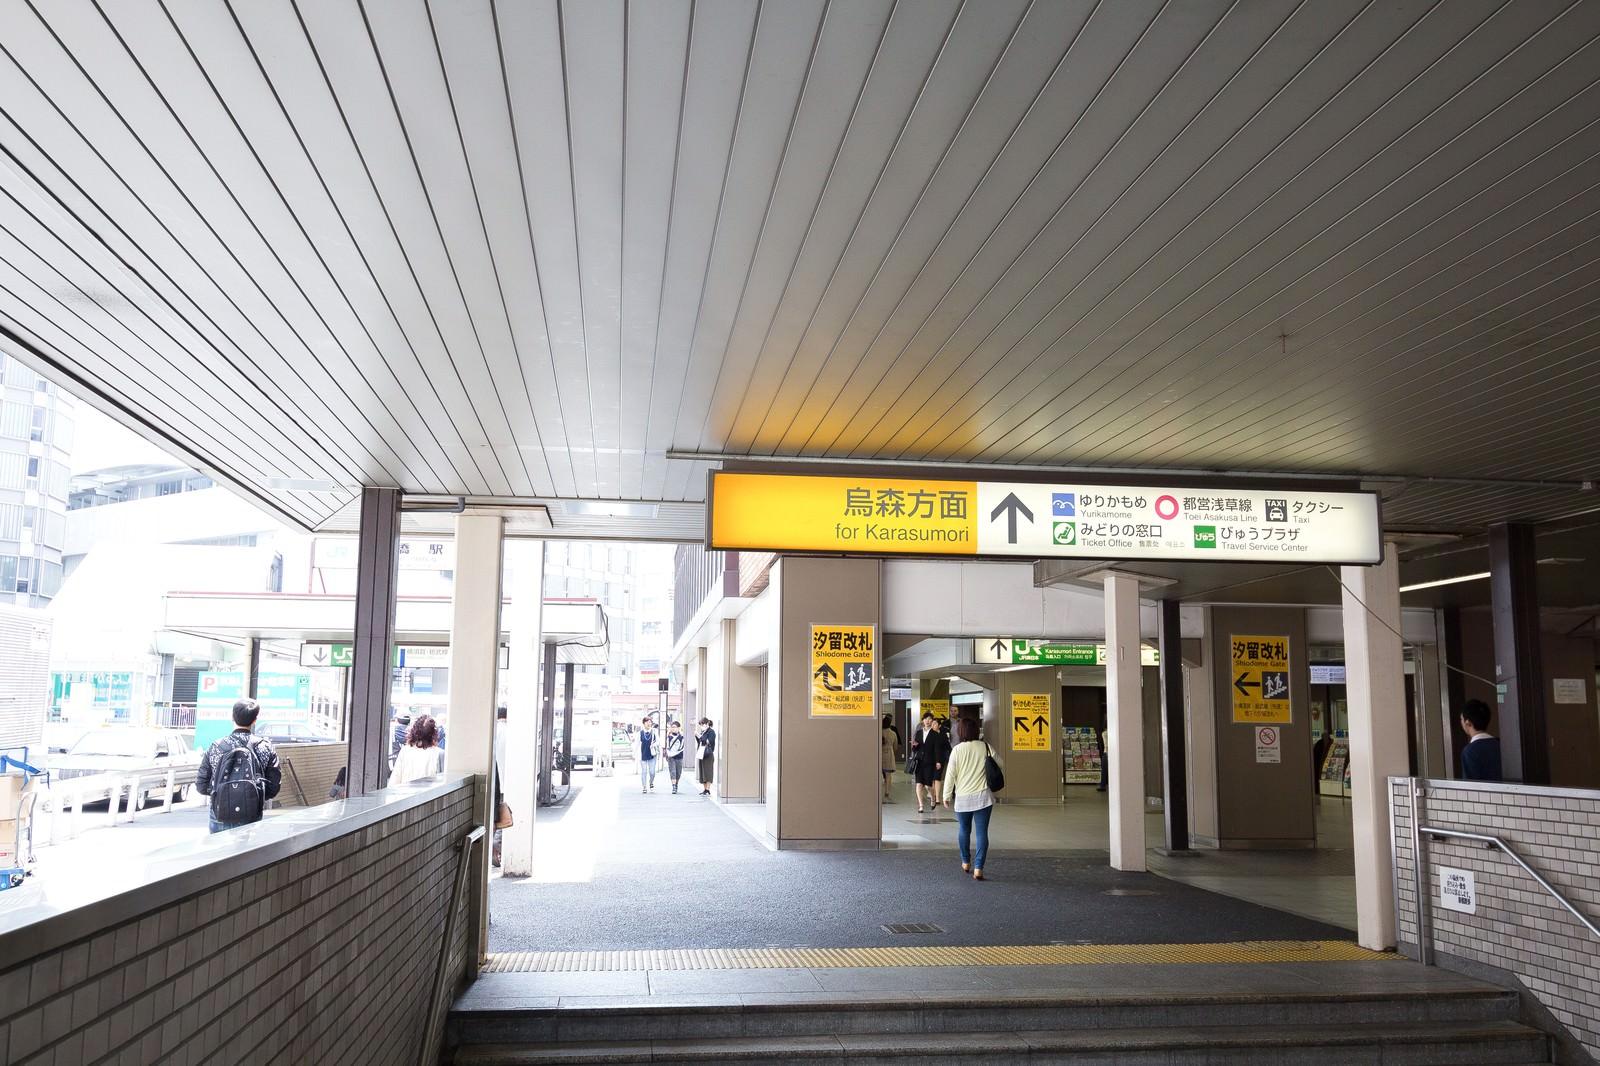 「新橋駅汐留方面出口」の写真